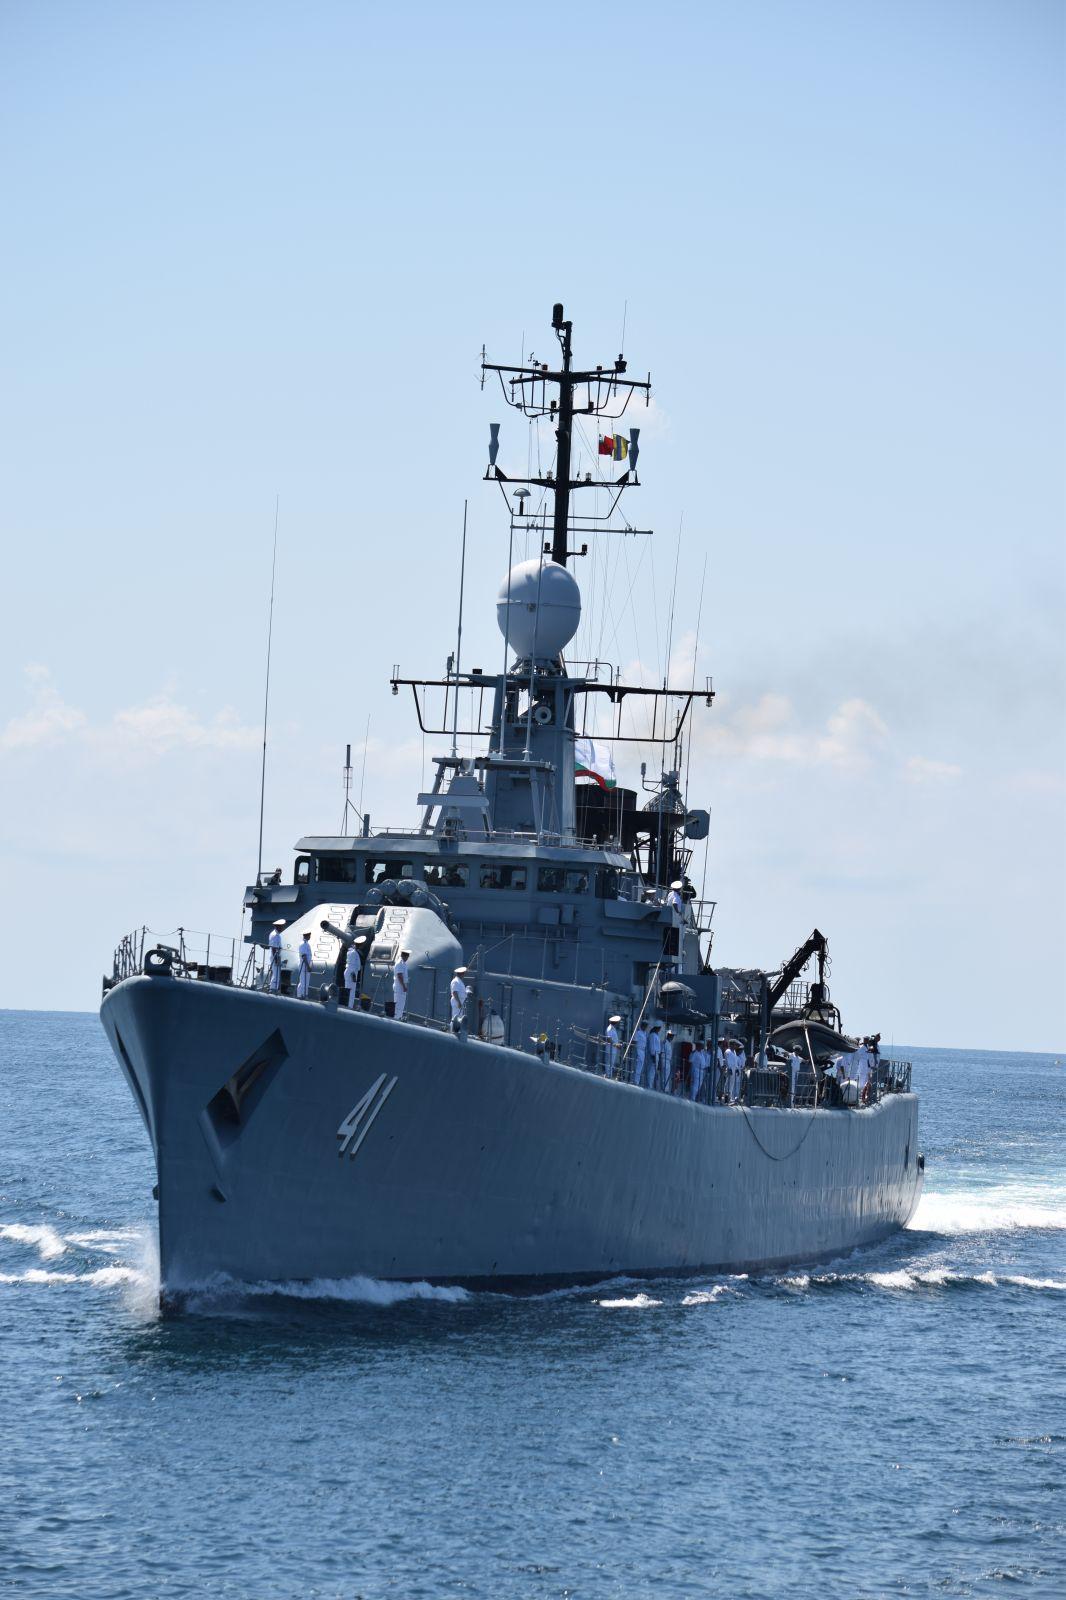 Бриз 2019 Част 6 - Отдаване на чест при среща на военни кораби на море